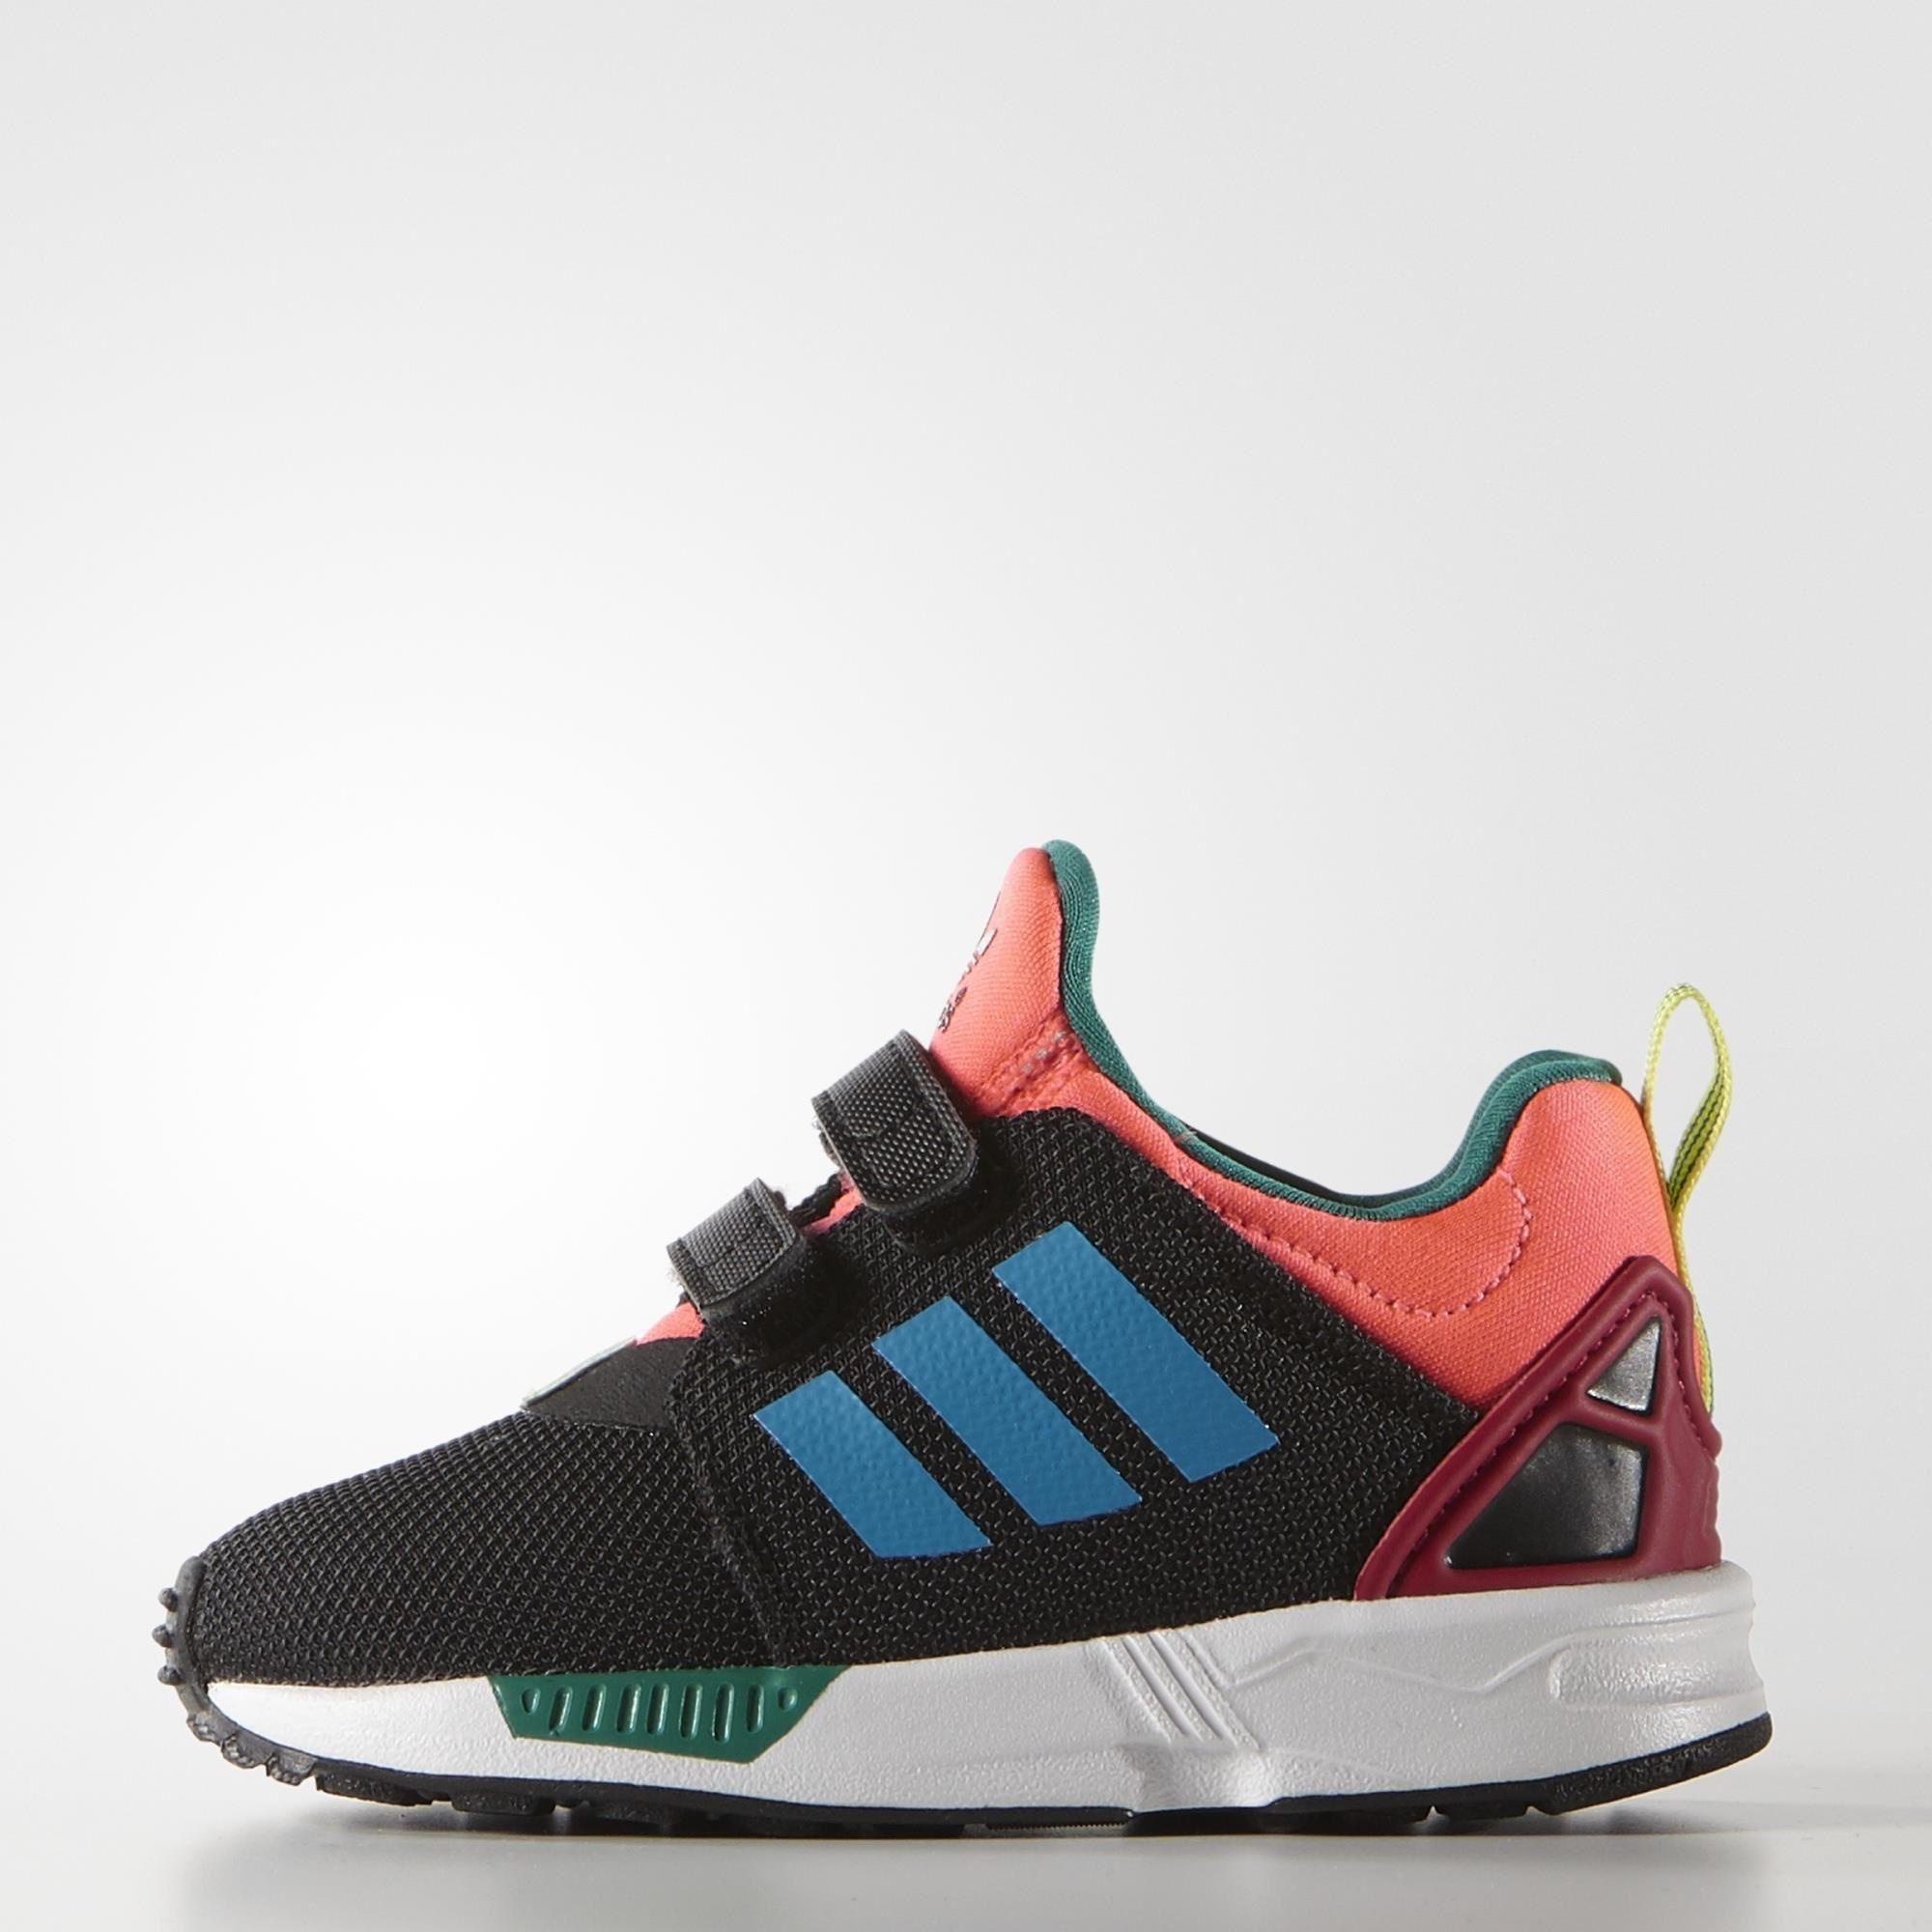 adidas zx flusso stranezza scarpe - adidas australia - scarpe nero pn e4a159